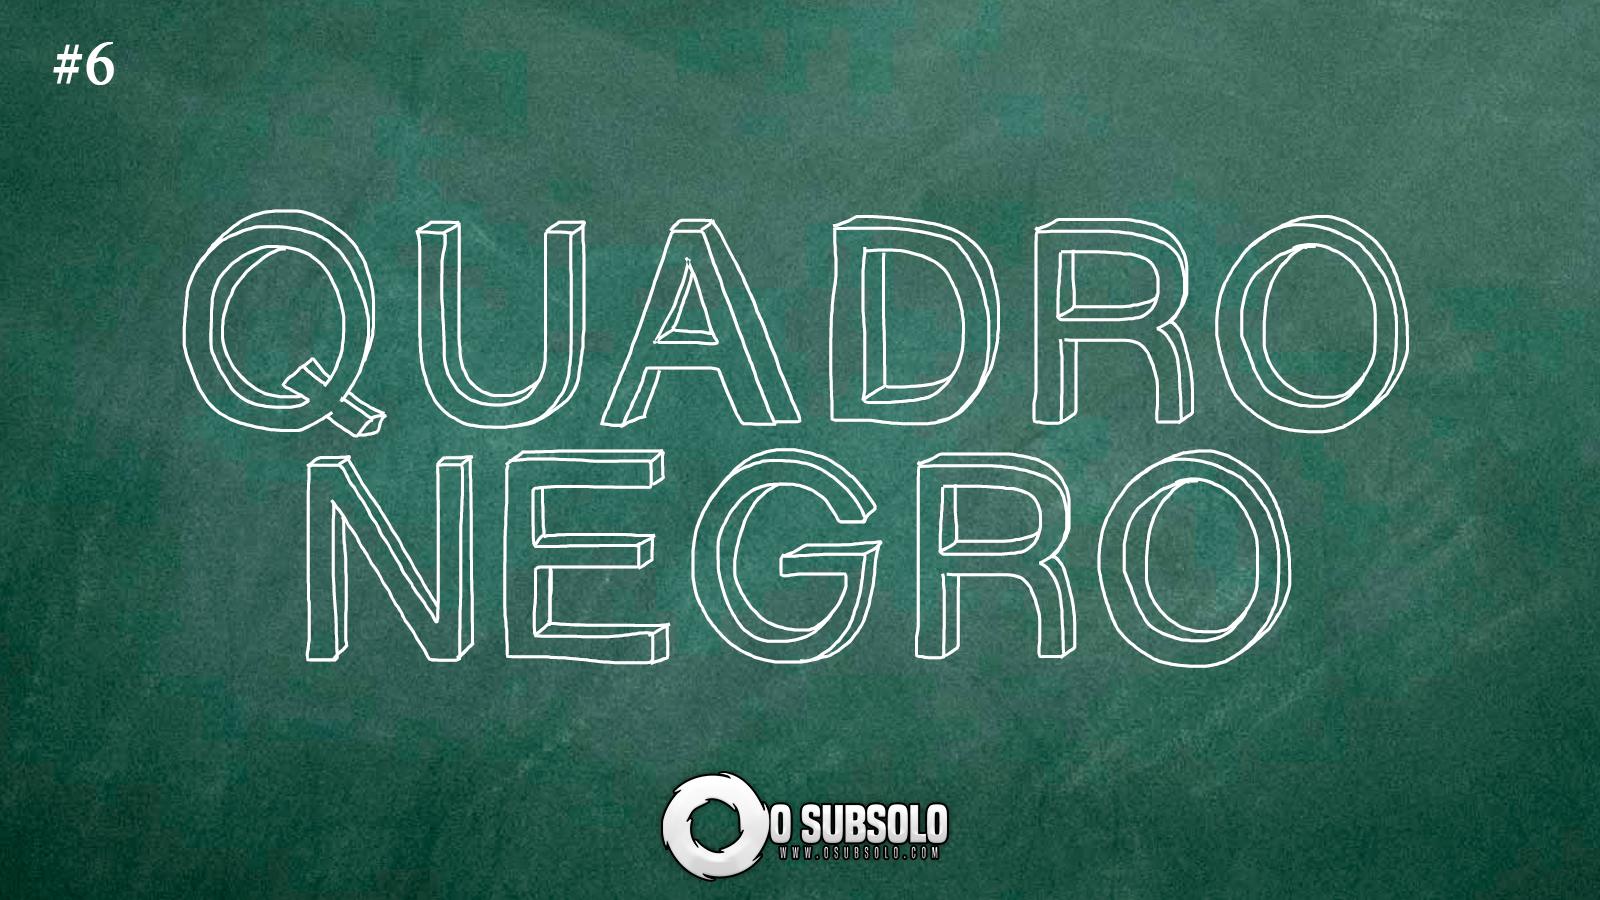 Quadro Negro #6 - O Subsolo